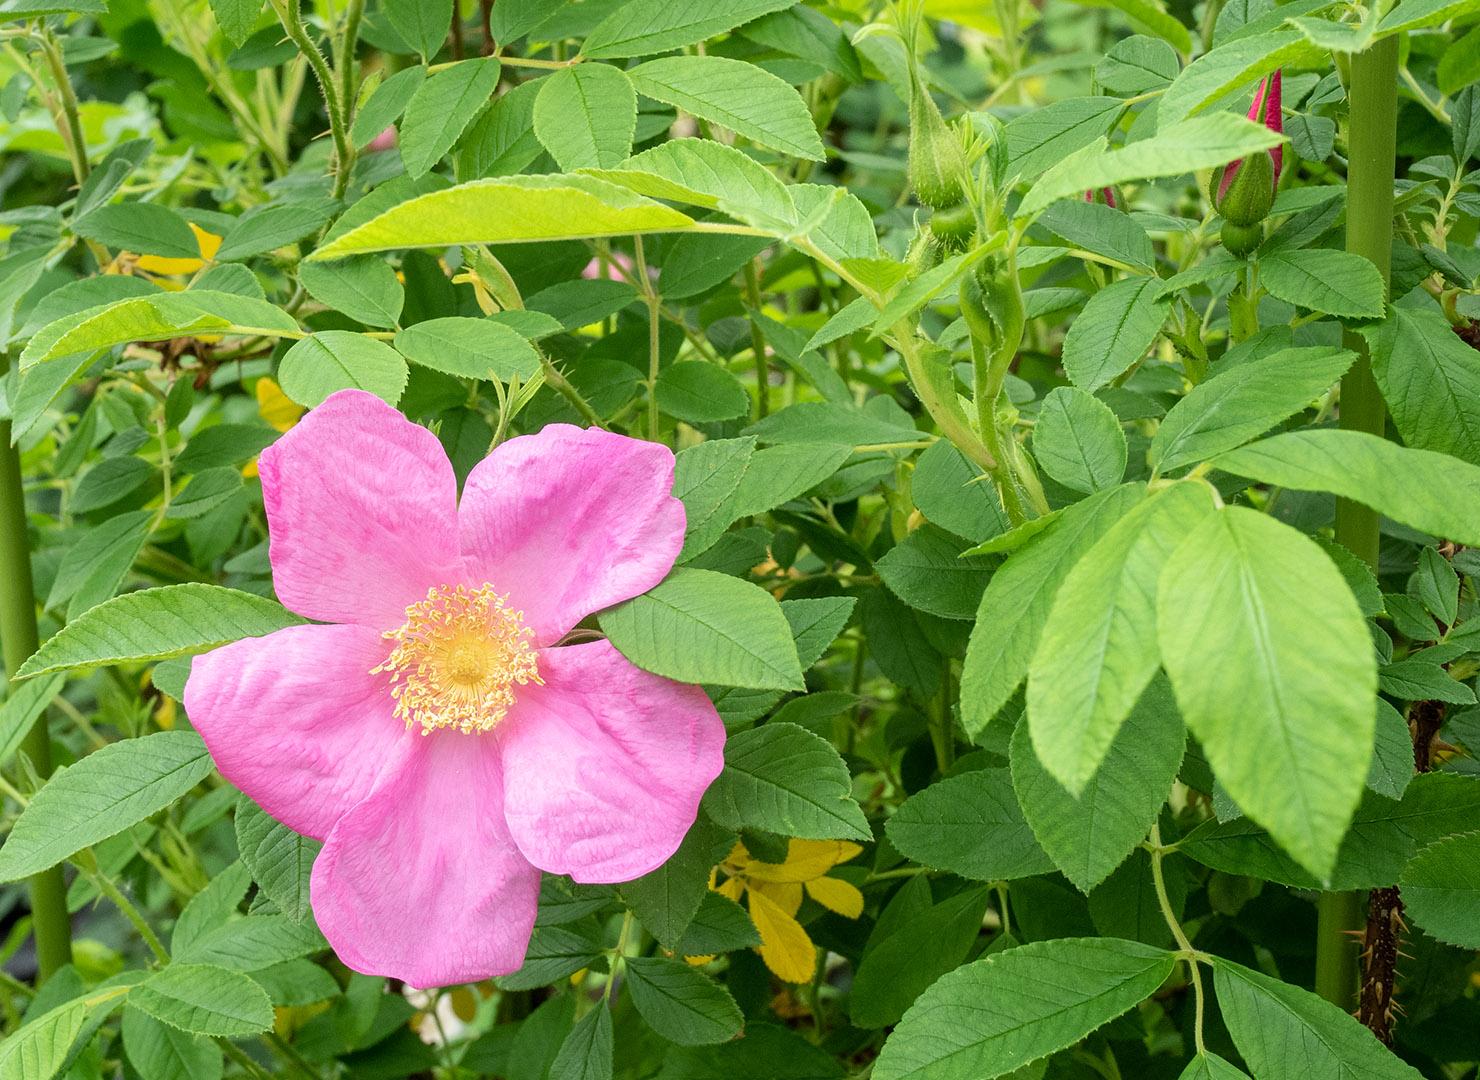 ロサ ルゴサ カロカルパ - Rosa rugosa calocarpa